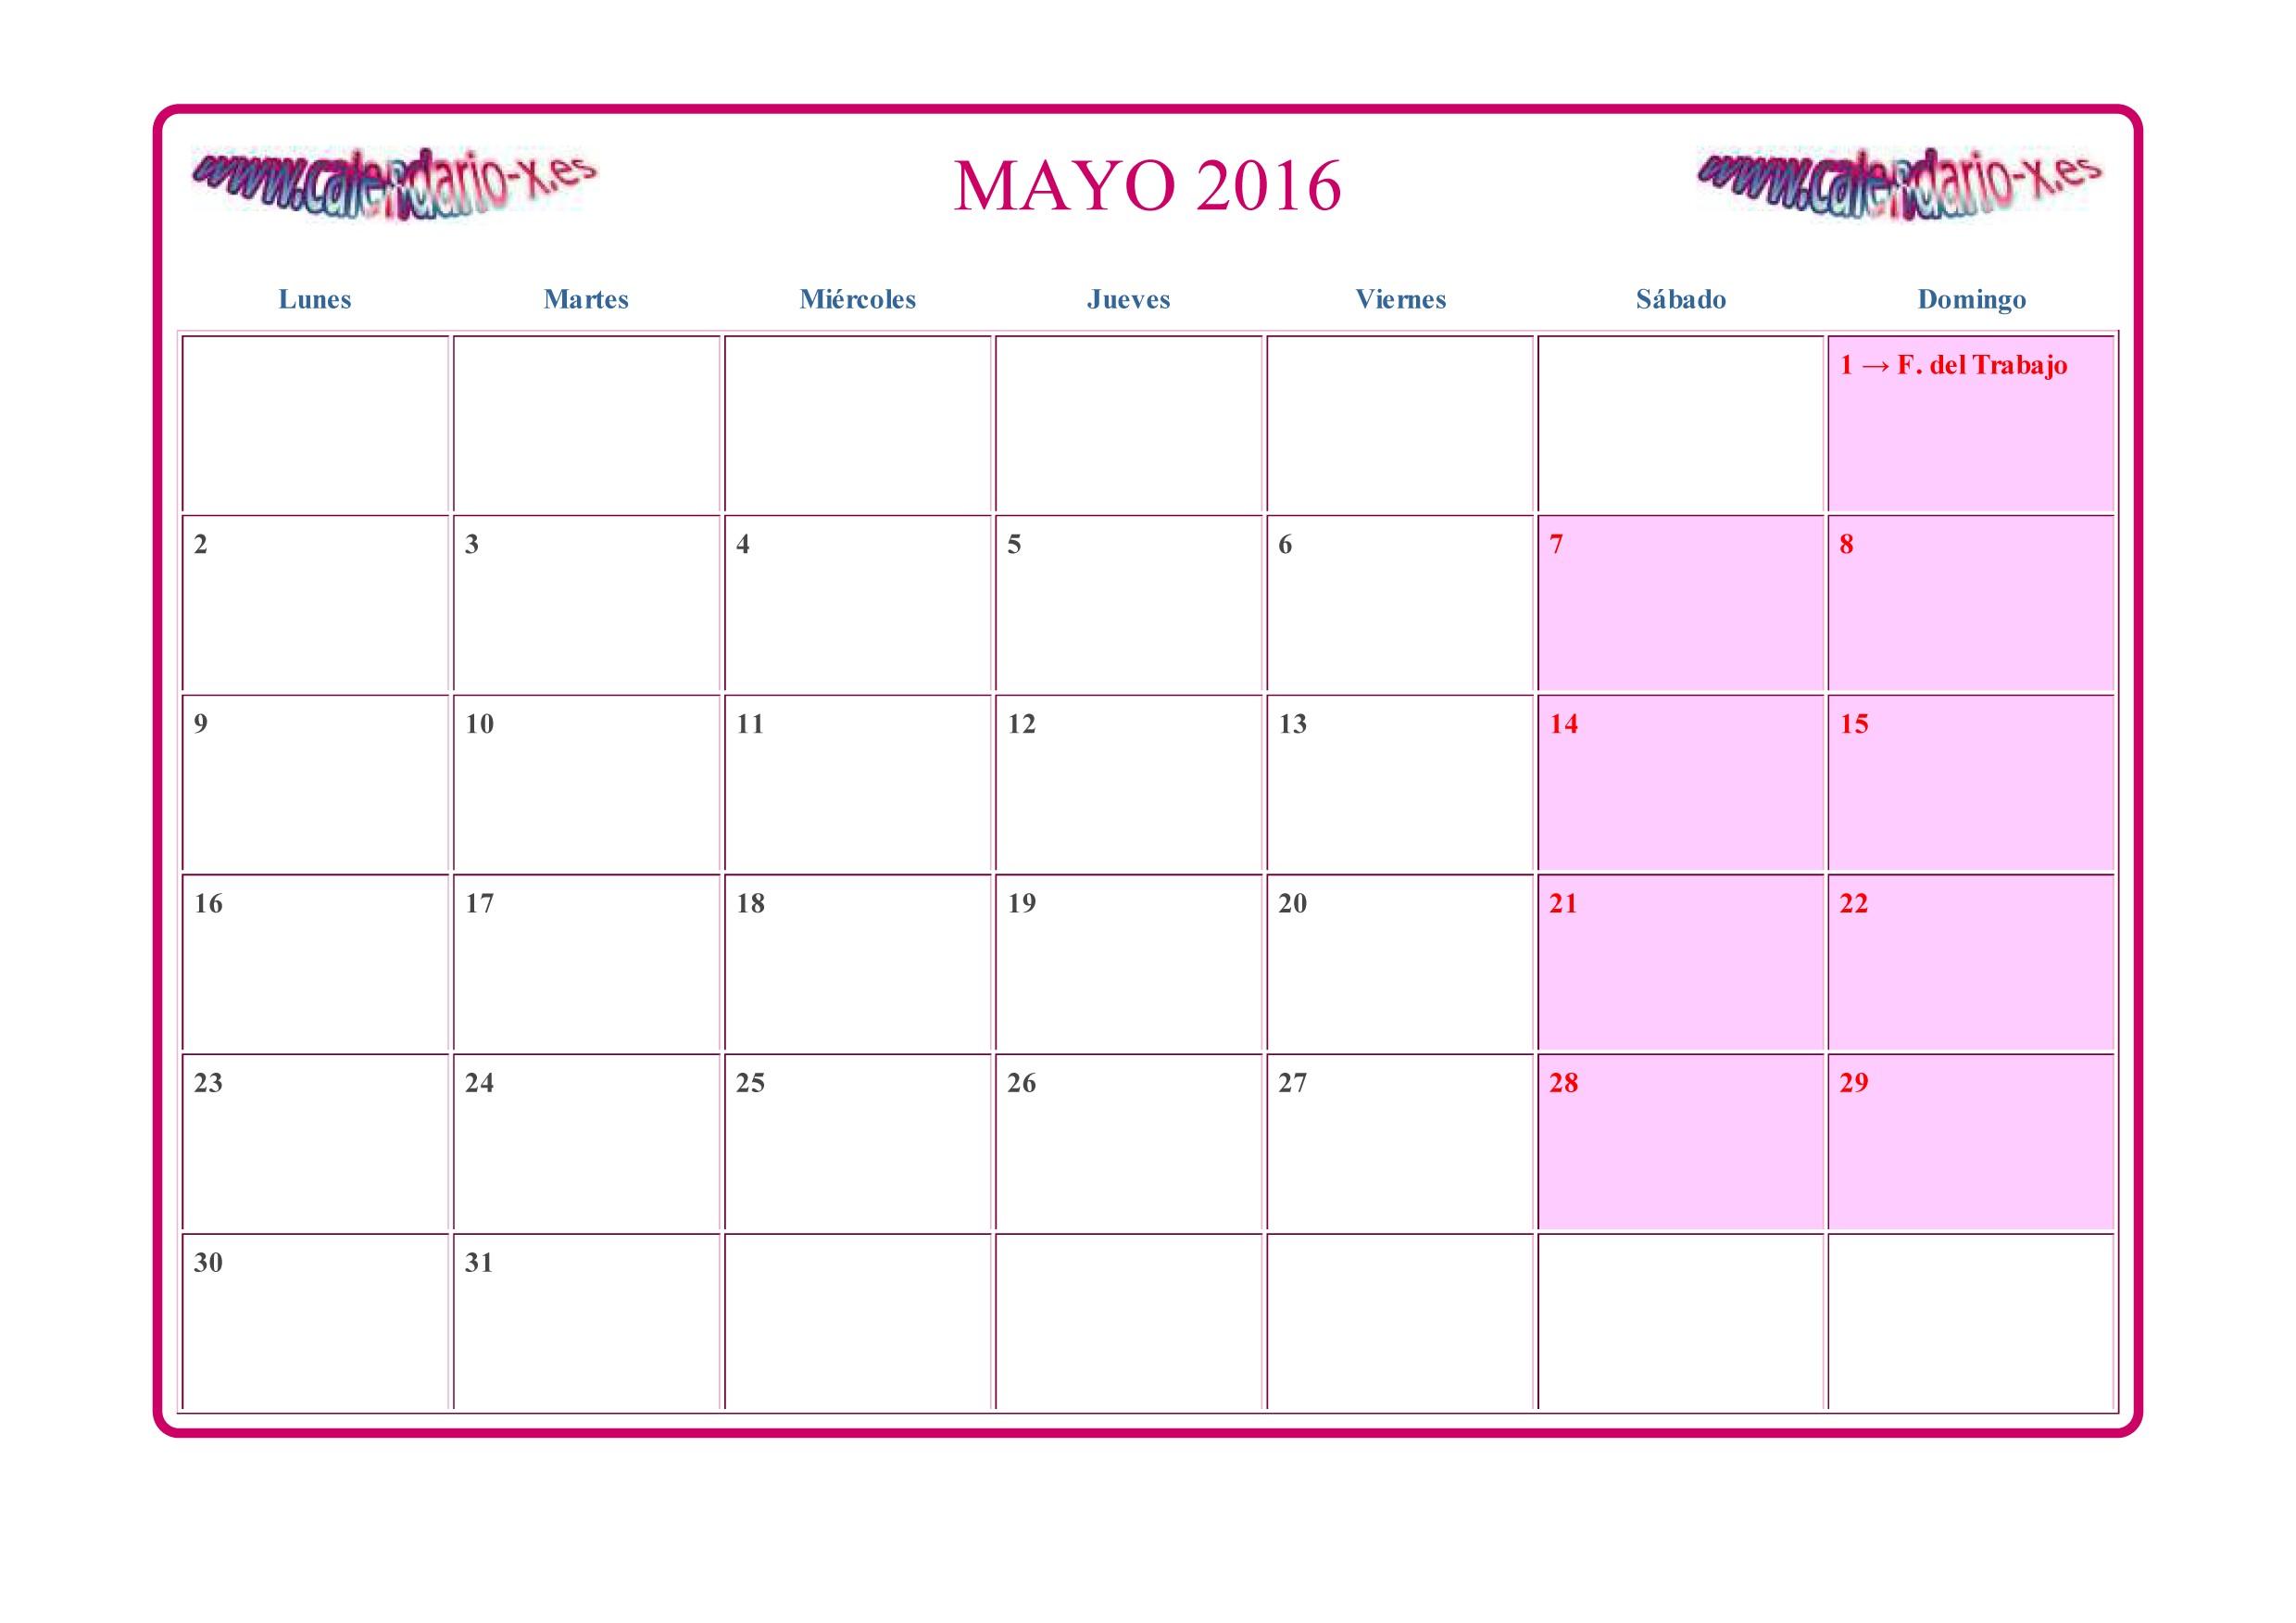 Calendario Planeador 2019 Colombia Para Imprimir Más Recientes Mayo 2016 Swfoo S Of Calendario Planeador 2019 Colombia Para Imprimir Más Reciente Calendario Julio 2016 Con Notas Para Imprimir July Calendar